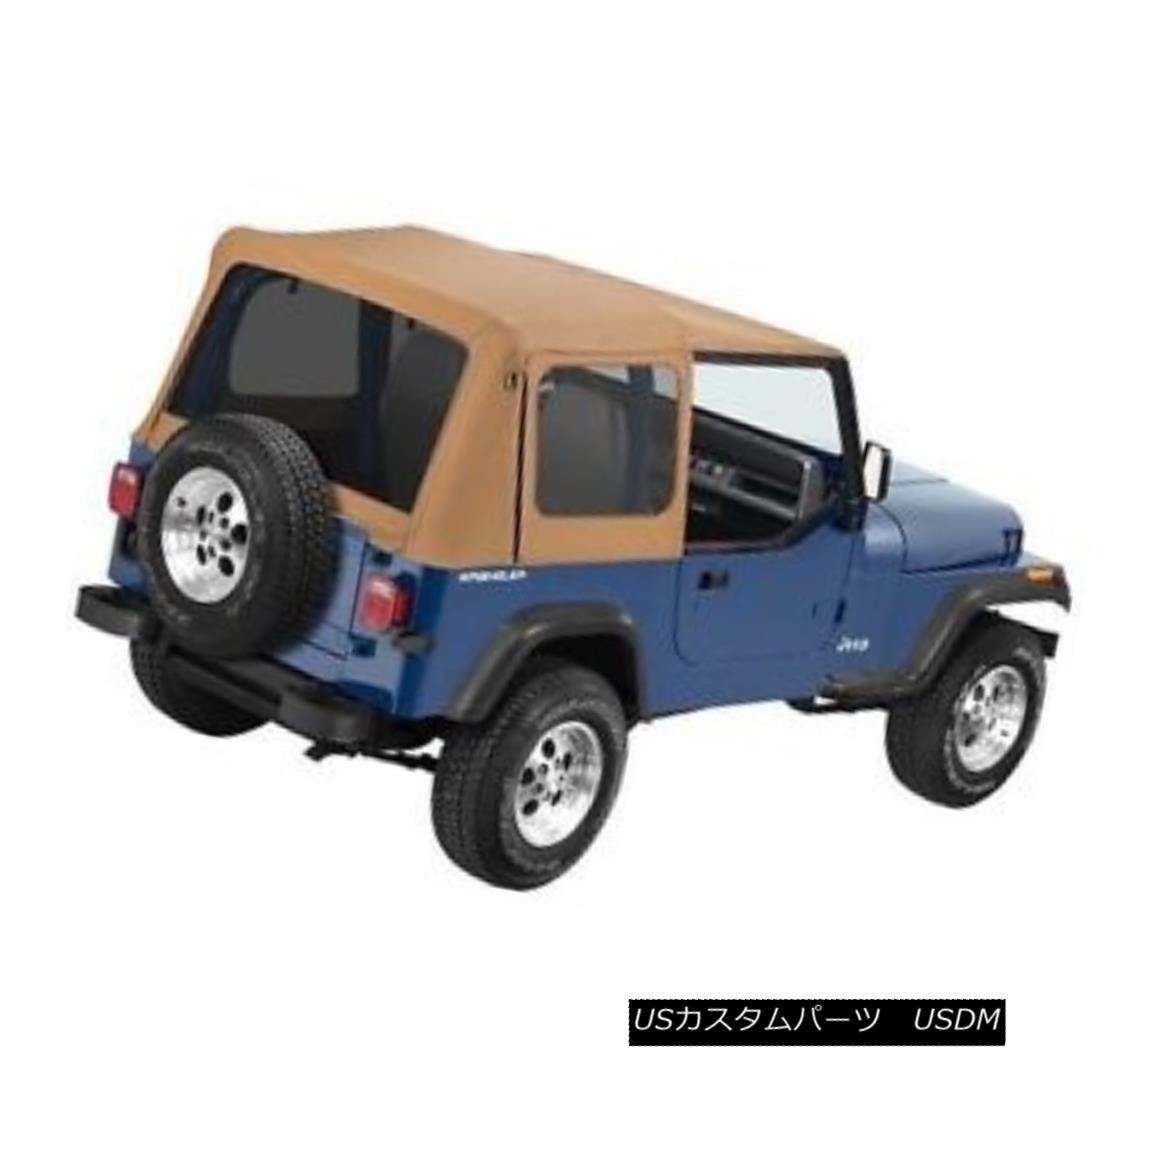 幌・ソフトトップ Bestop Supertop NX 88-95 Jeep Wrangler YJ Tinted No Doors Spice Bestop Supertop NX 88-95ジープ・ラングラー・イージー・ティンテッド・ノー・ドア・スパイス